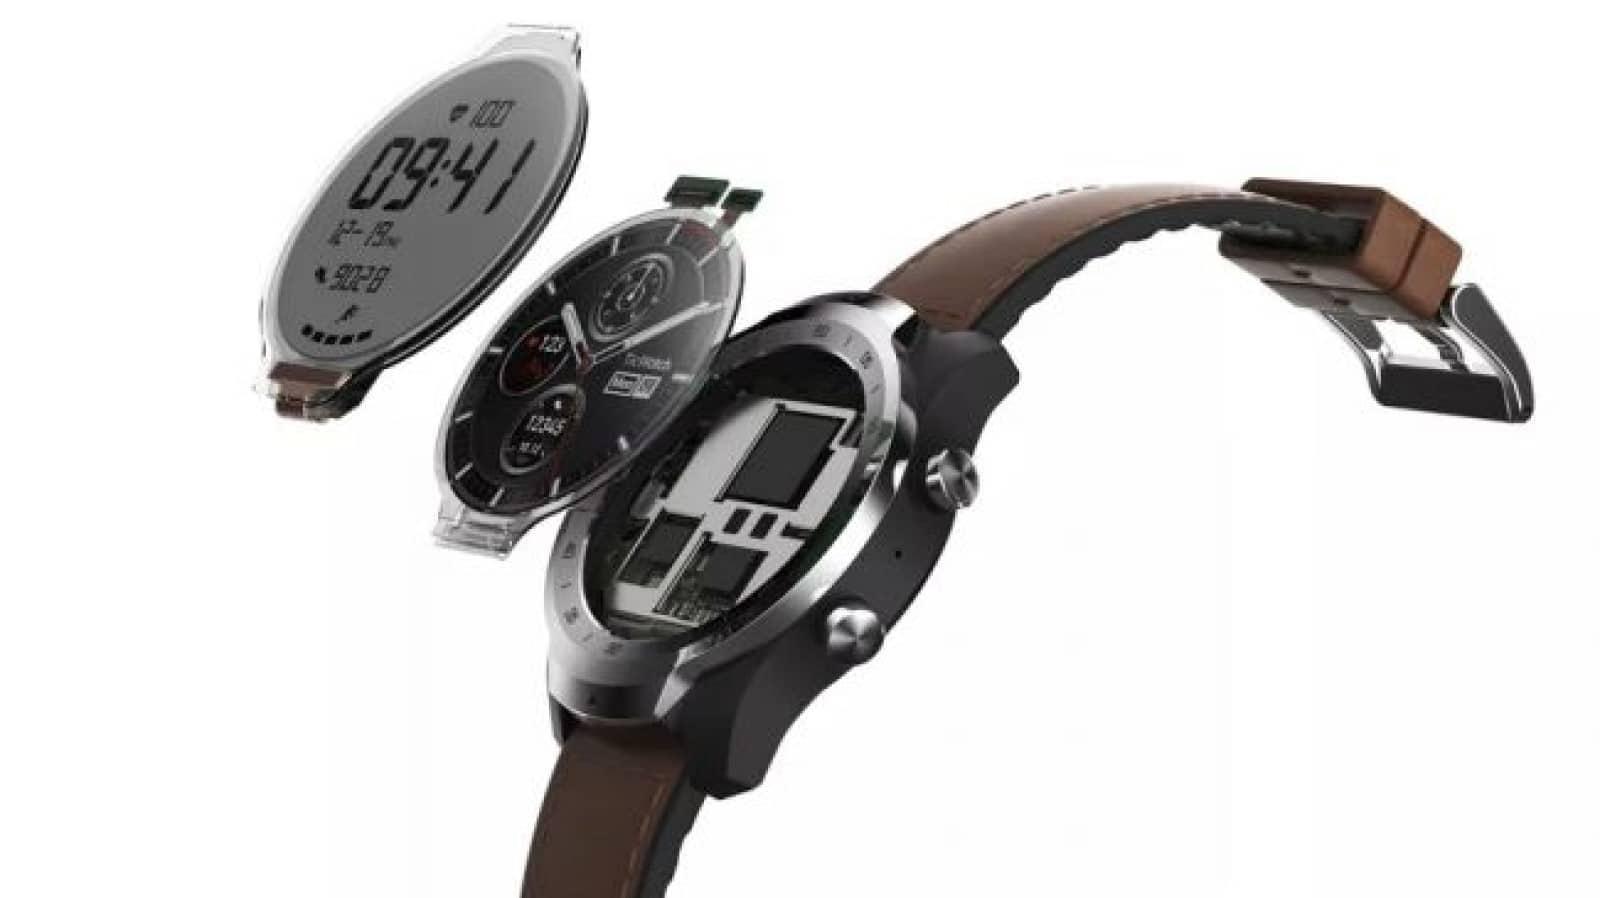 ticwatch broken down